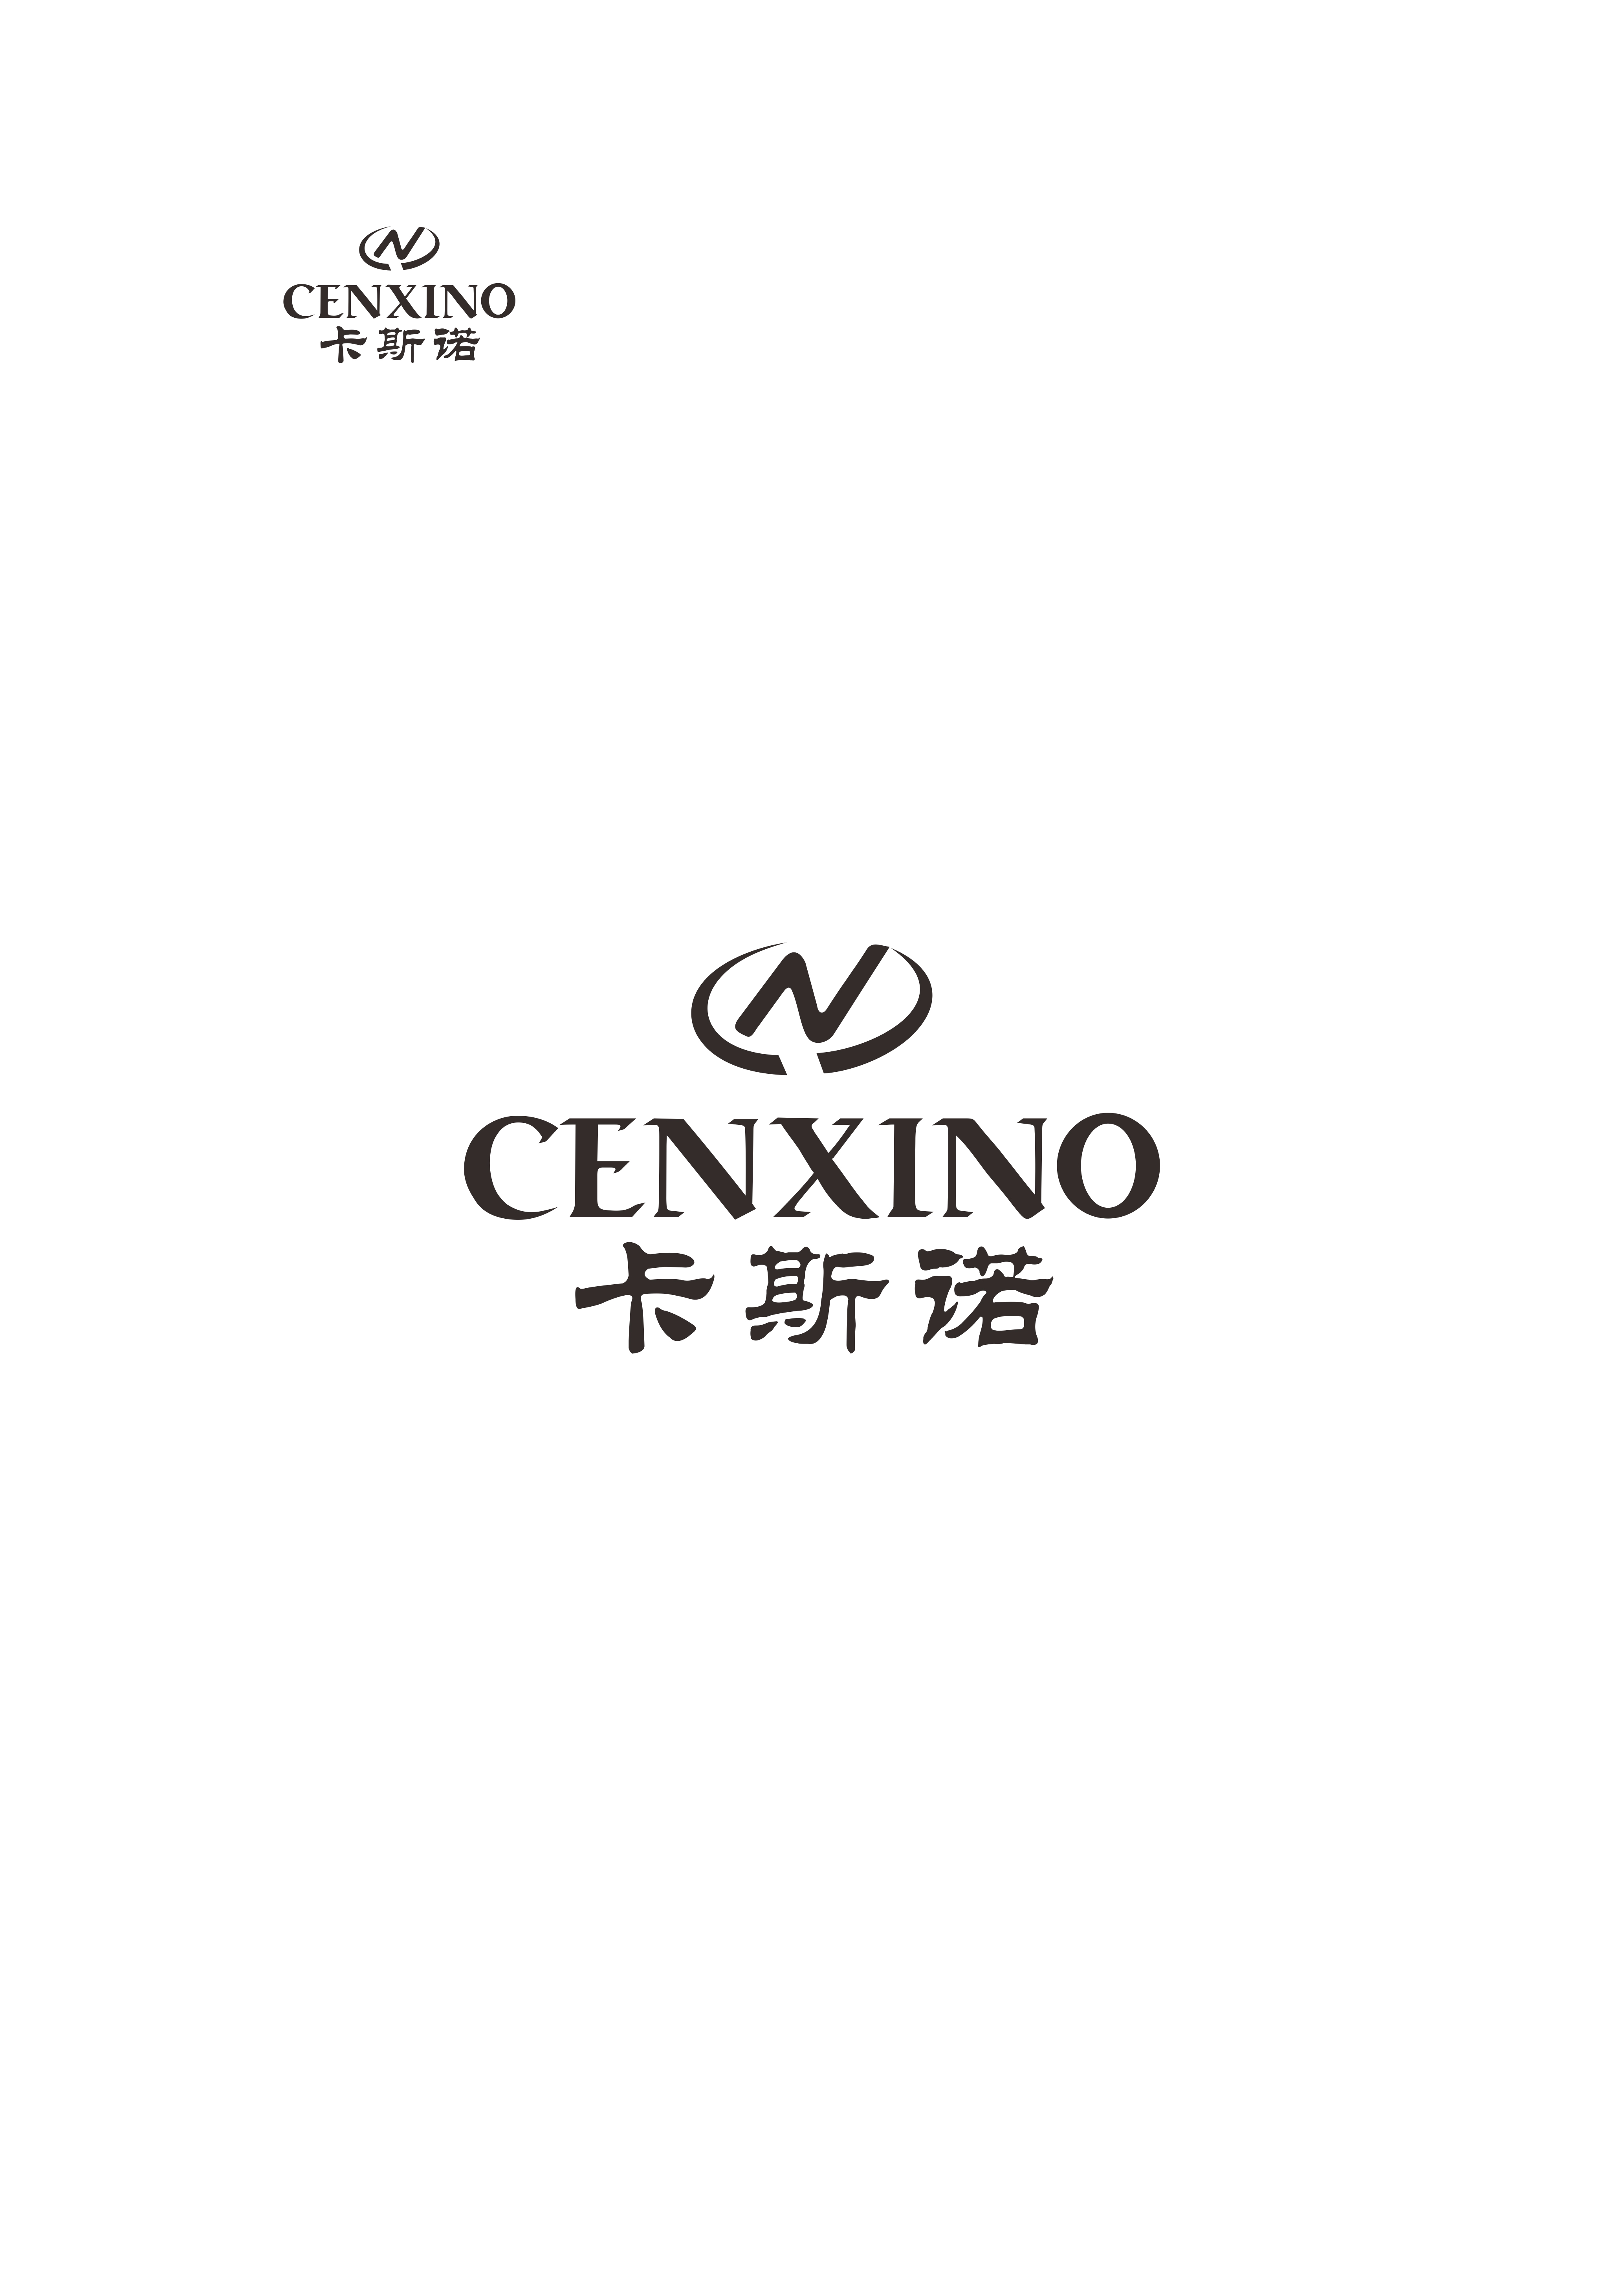 深圳市卡斯诺表业有限公司